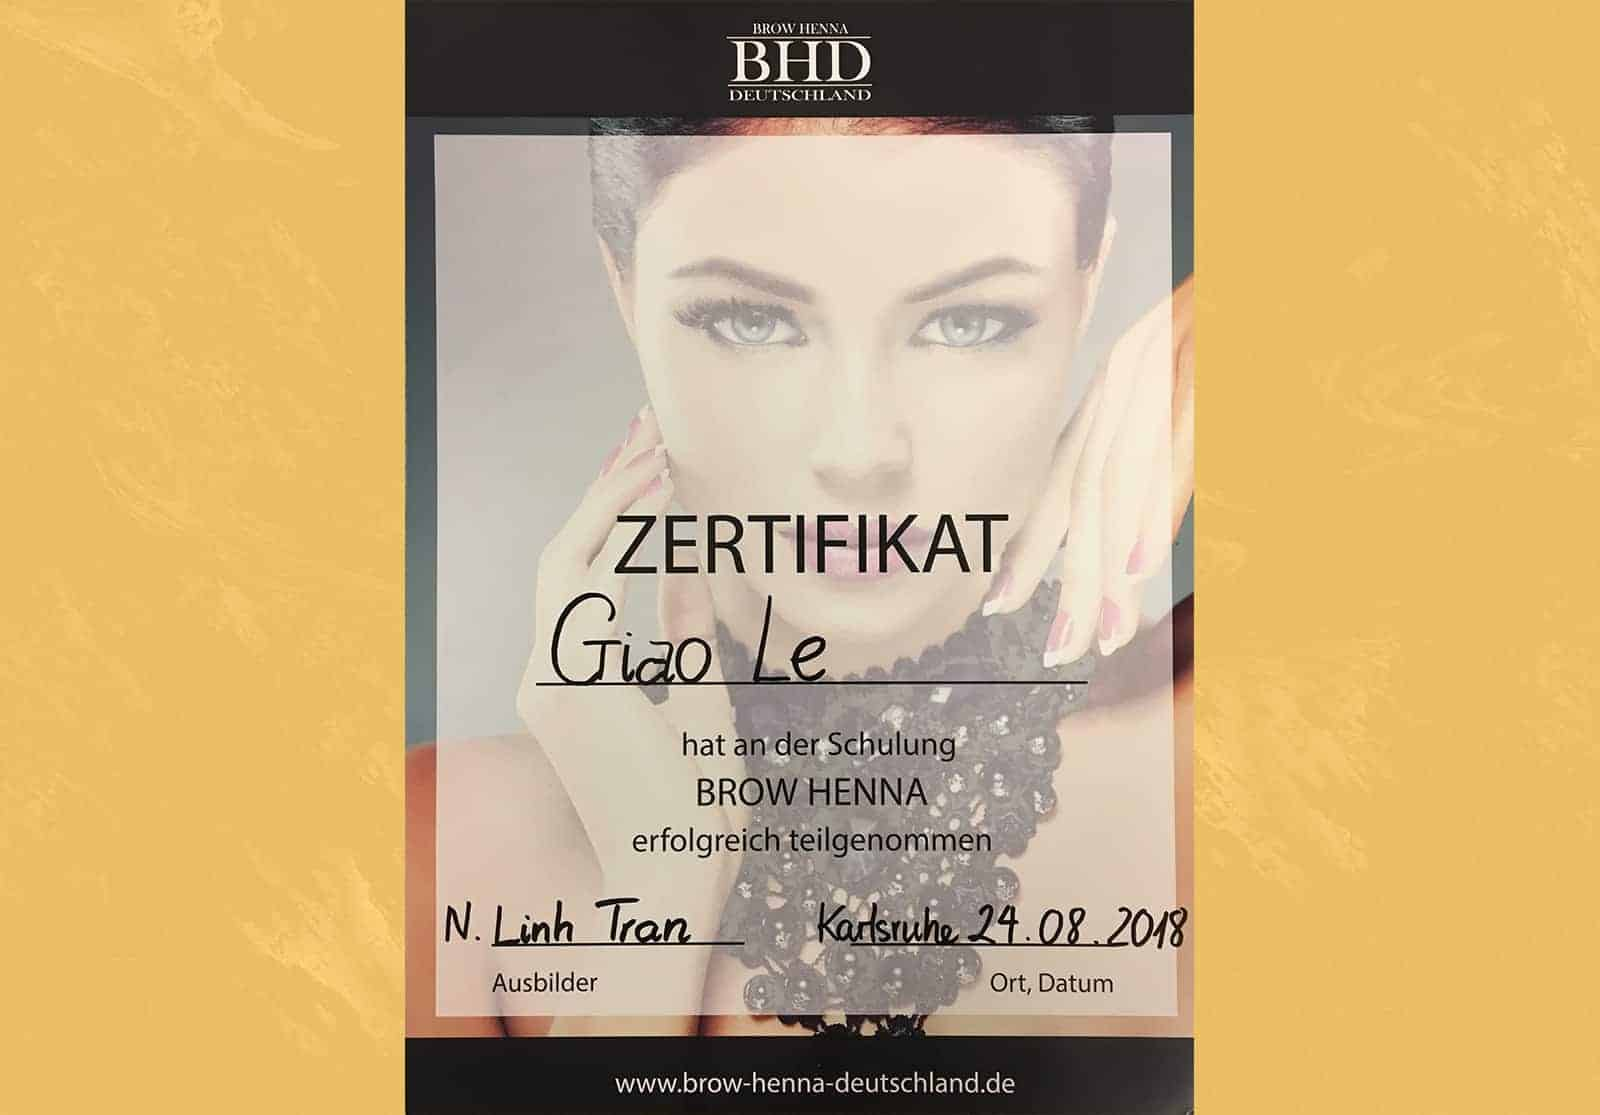 Zertifikat Brow Henna Deutschland